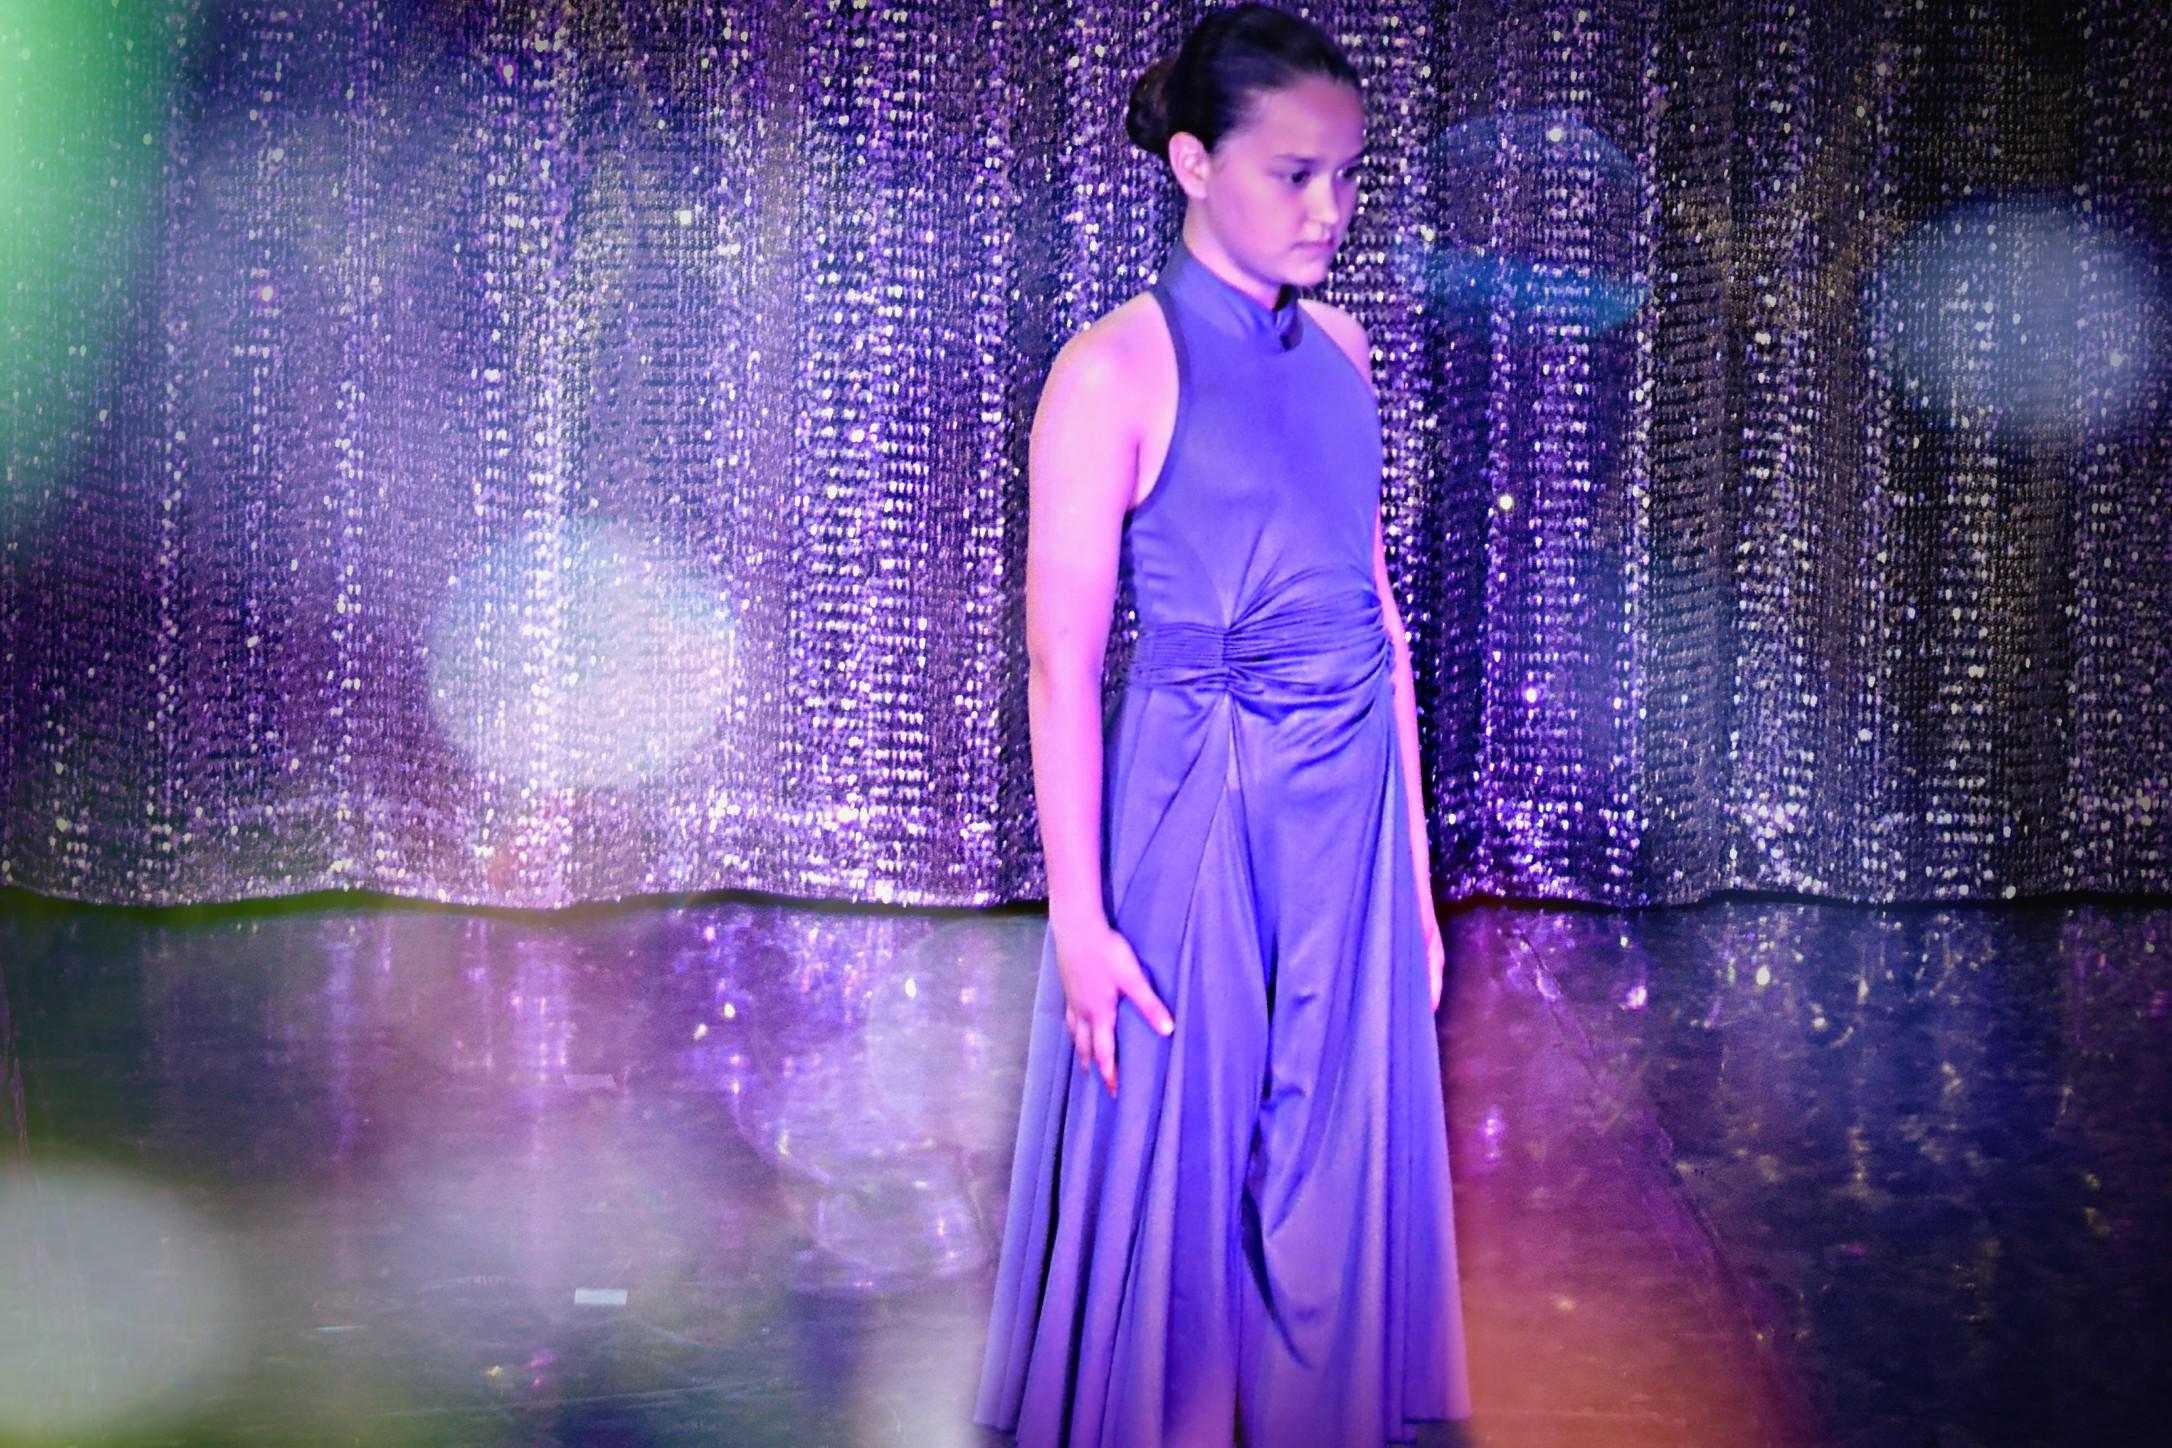 Linea-de-Baile-festival-verano-2015-clases-de-baile-valencia-126